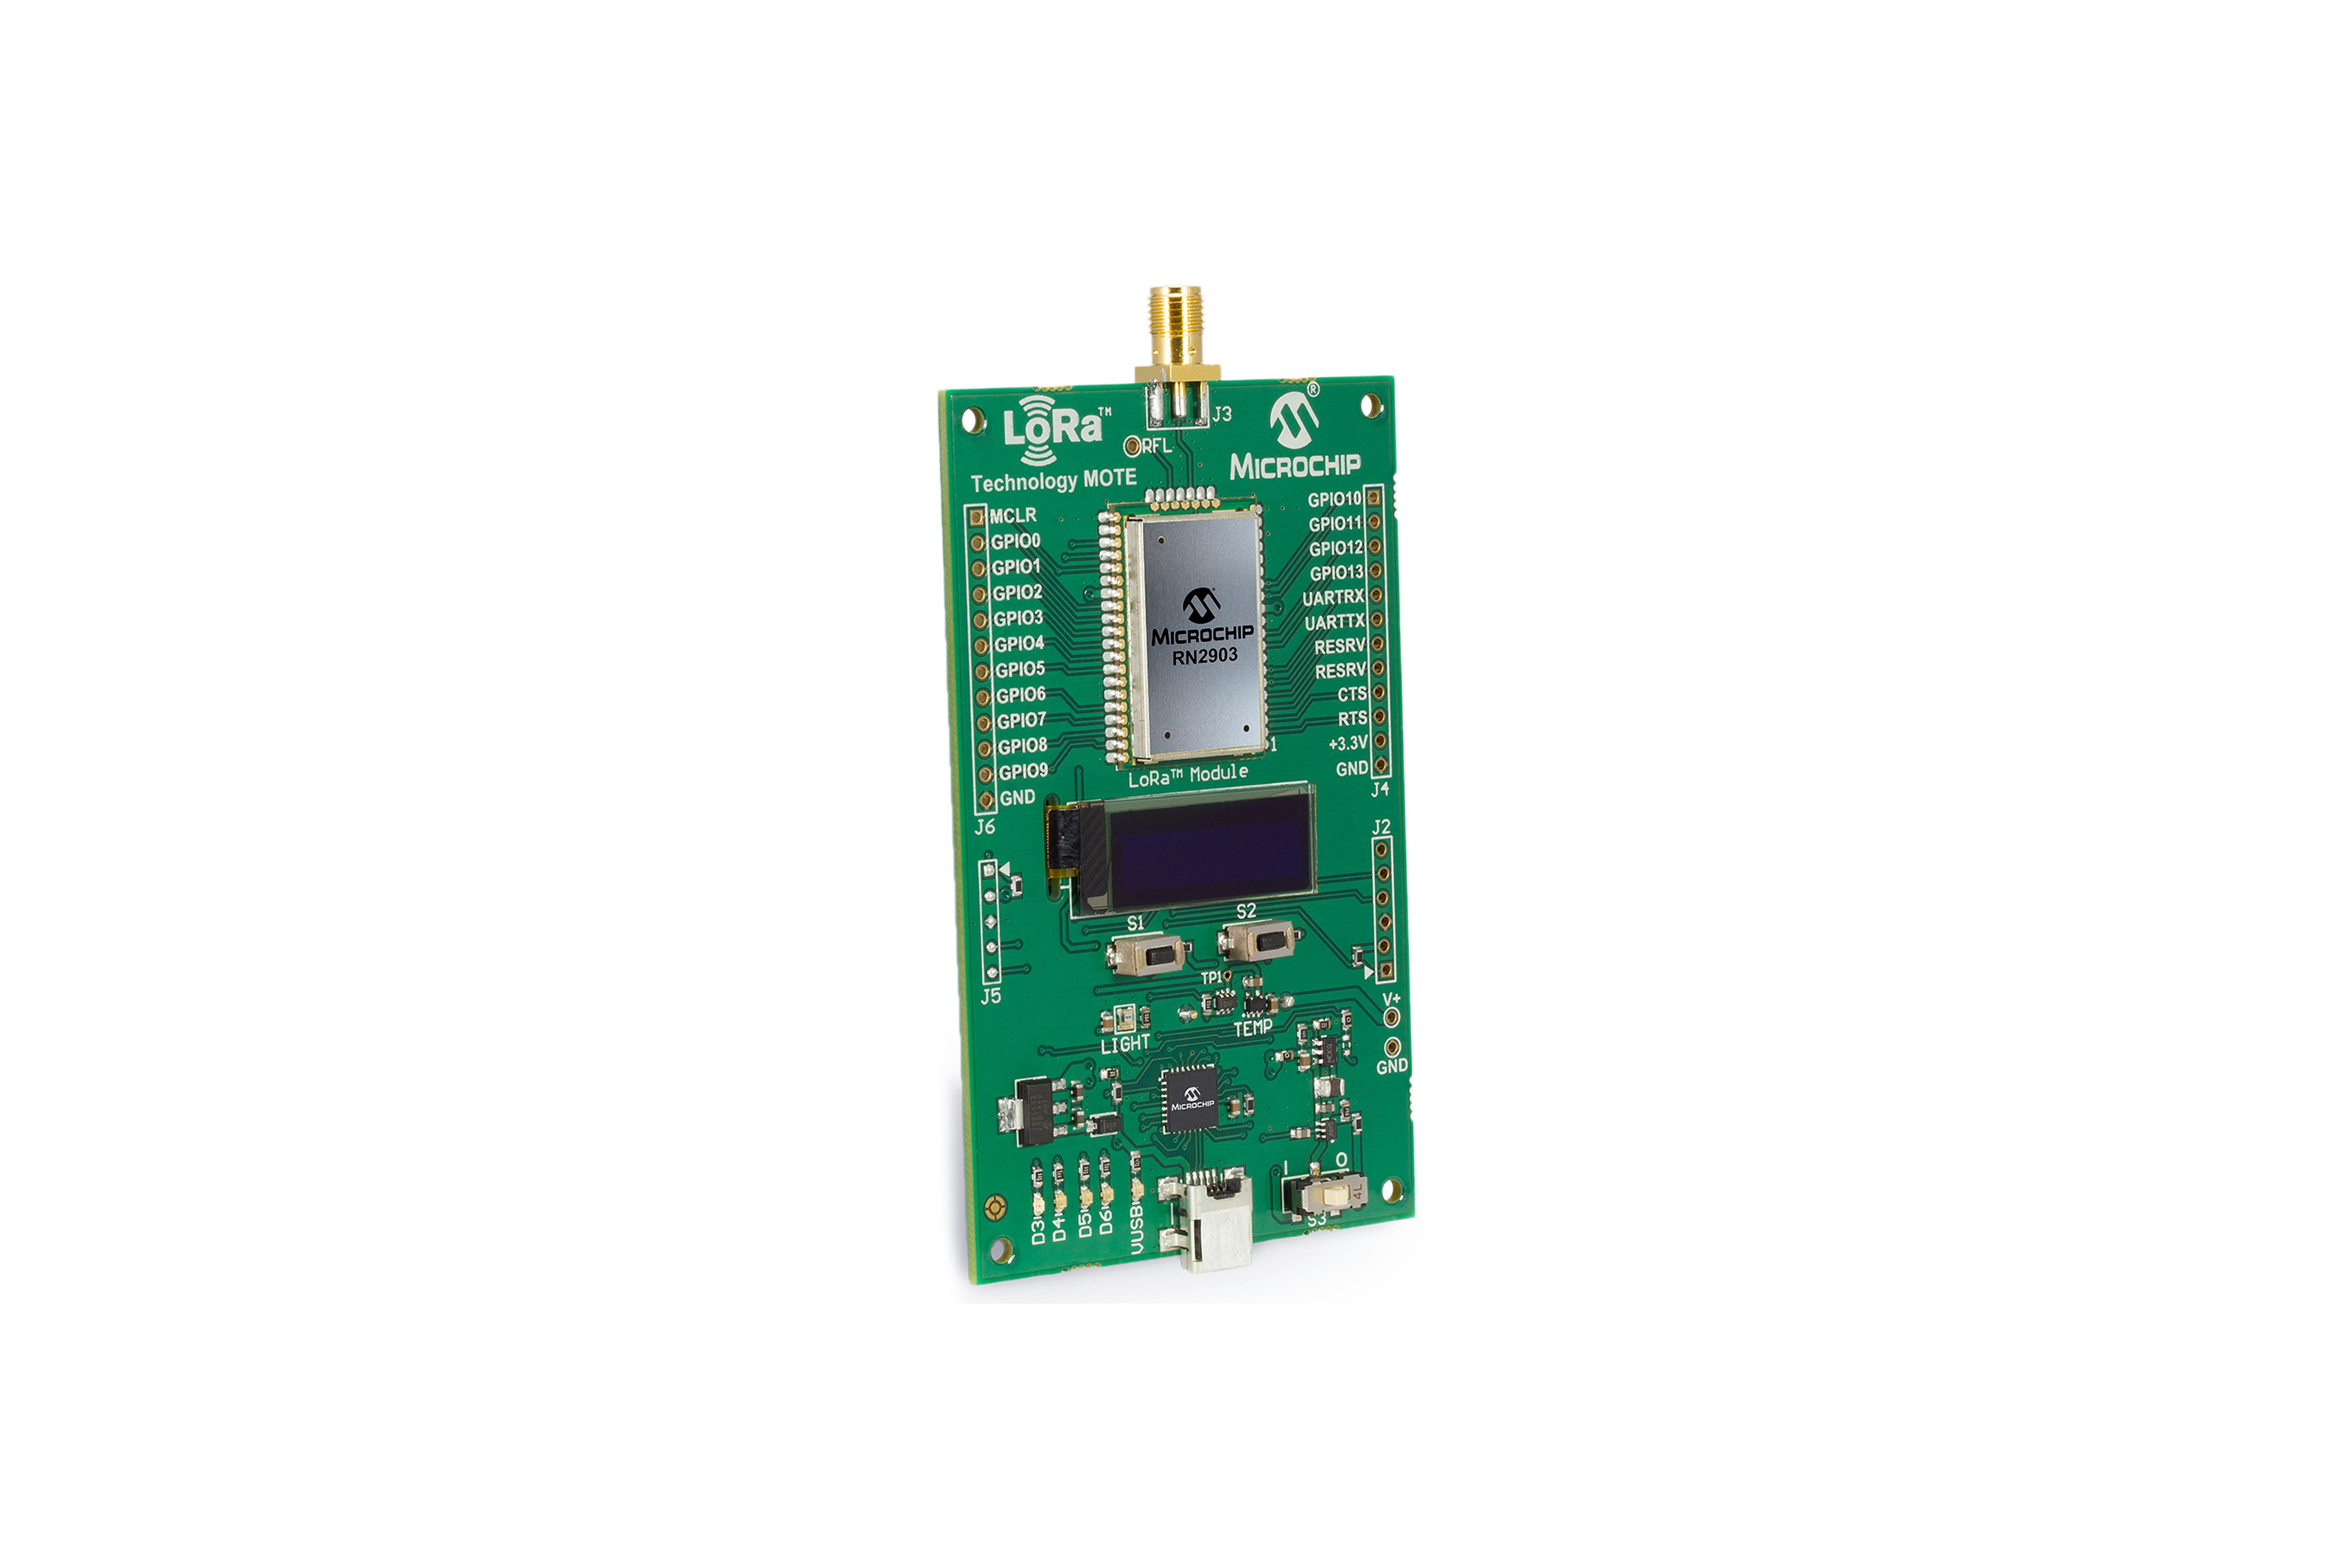 RN2903 Nodo di sviluppo LoRa Mote 915 MHz